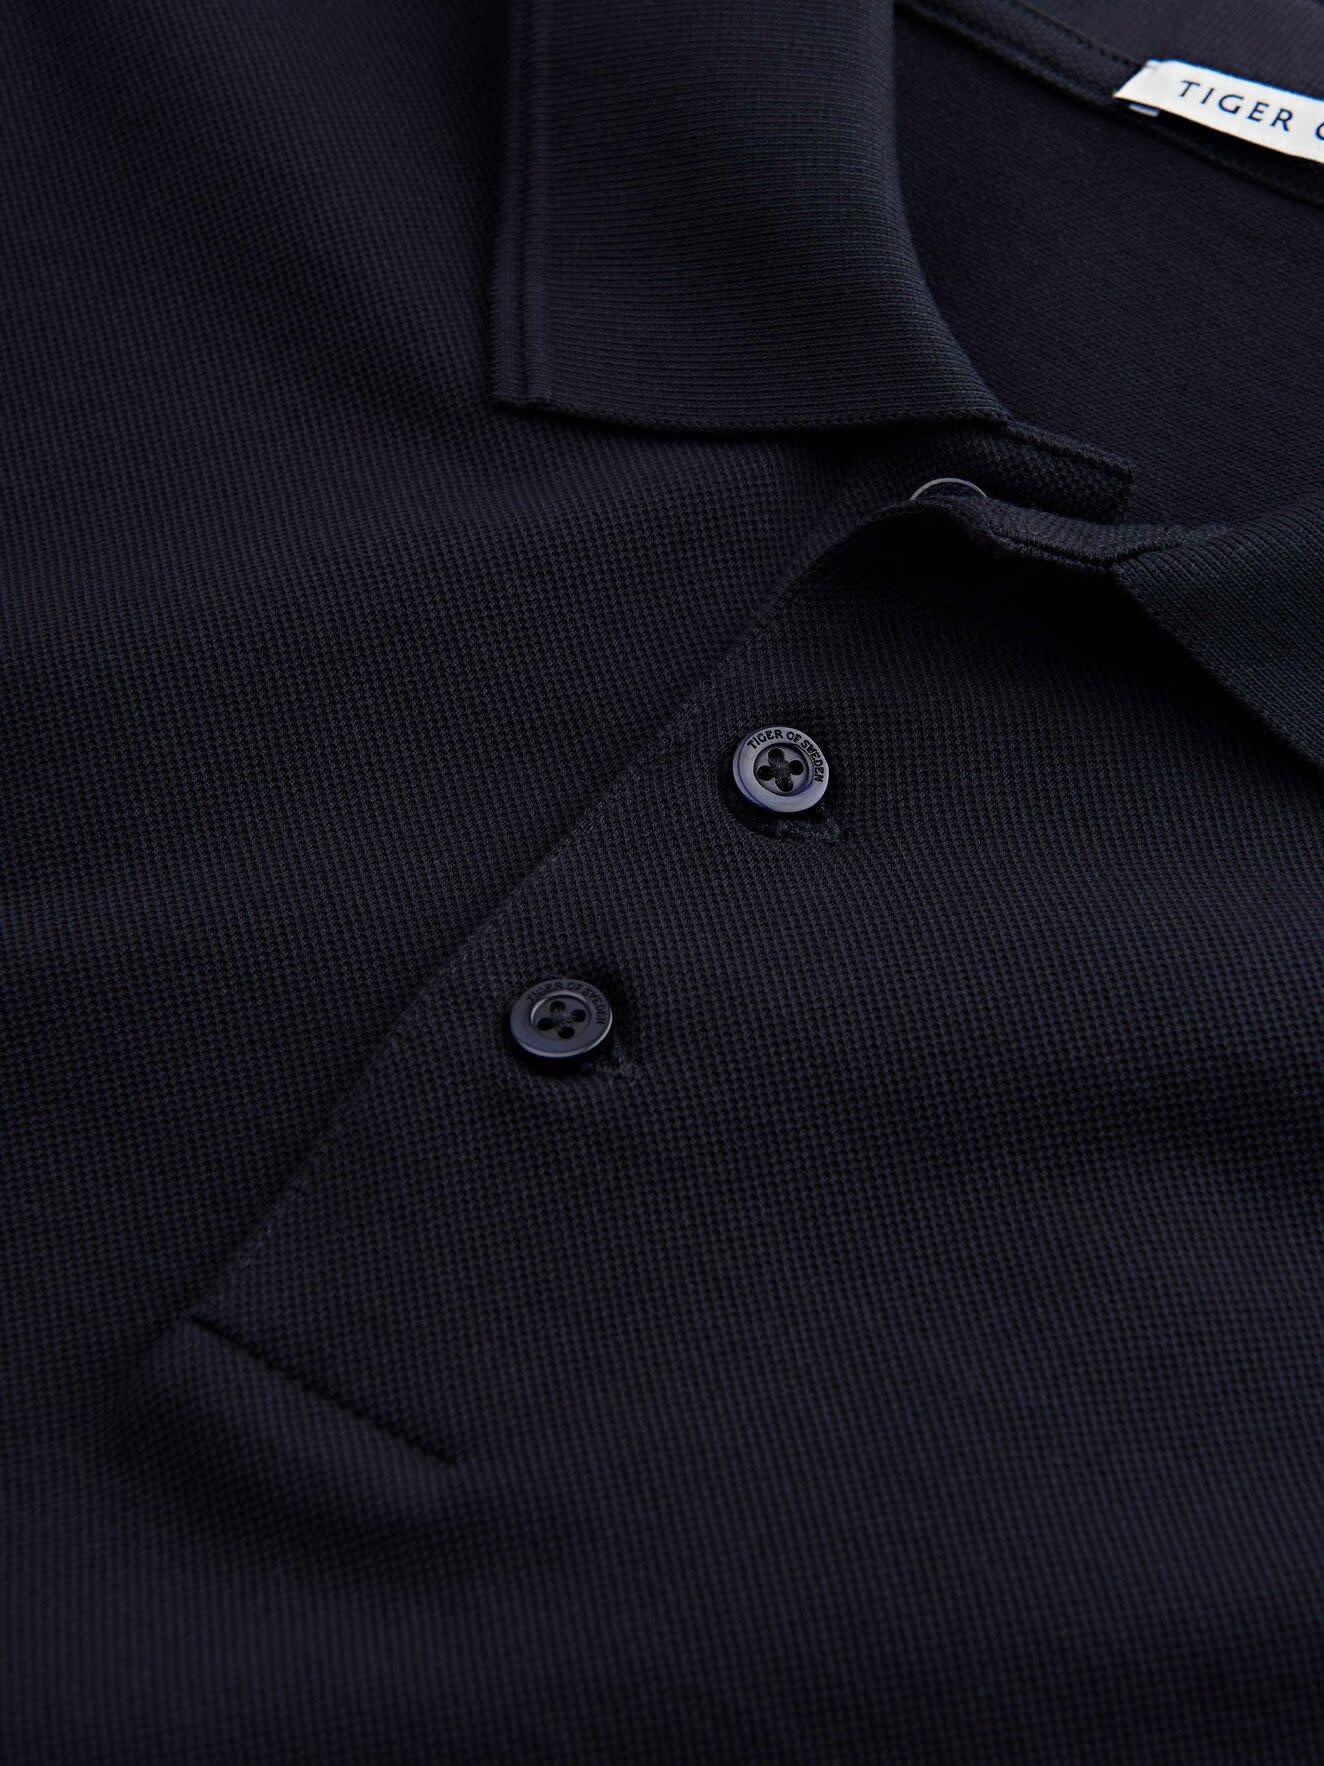 Darios Black Jersey Flat Collar Polo-2